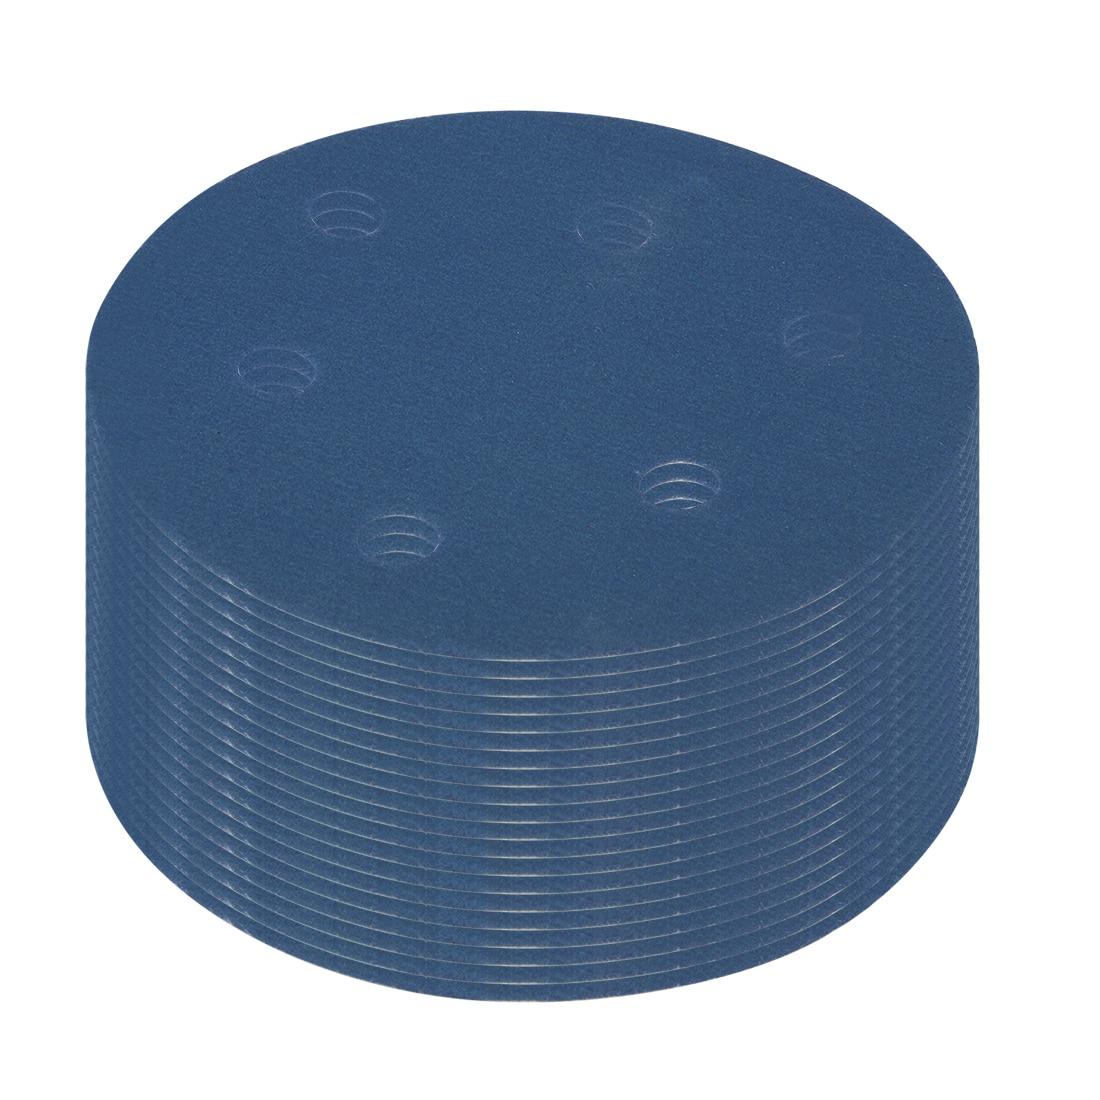 uxcell 10Pcs 6 Inch Hook and Loop Sanding Disc 600 Grits Flocking Sandpaper for Random Orbit Sander